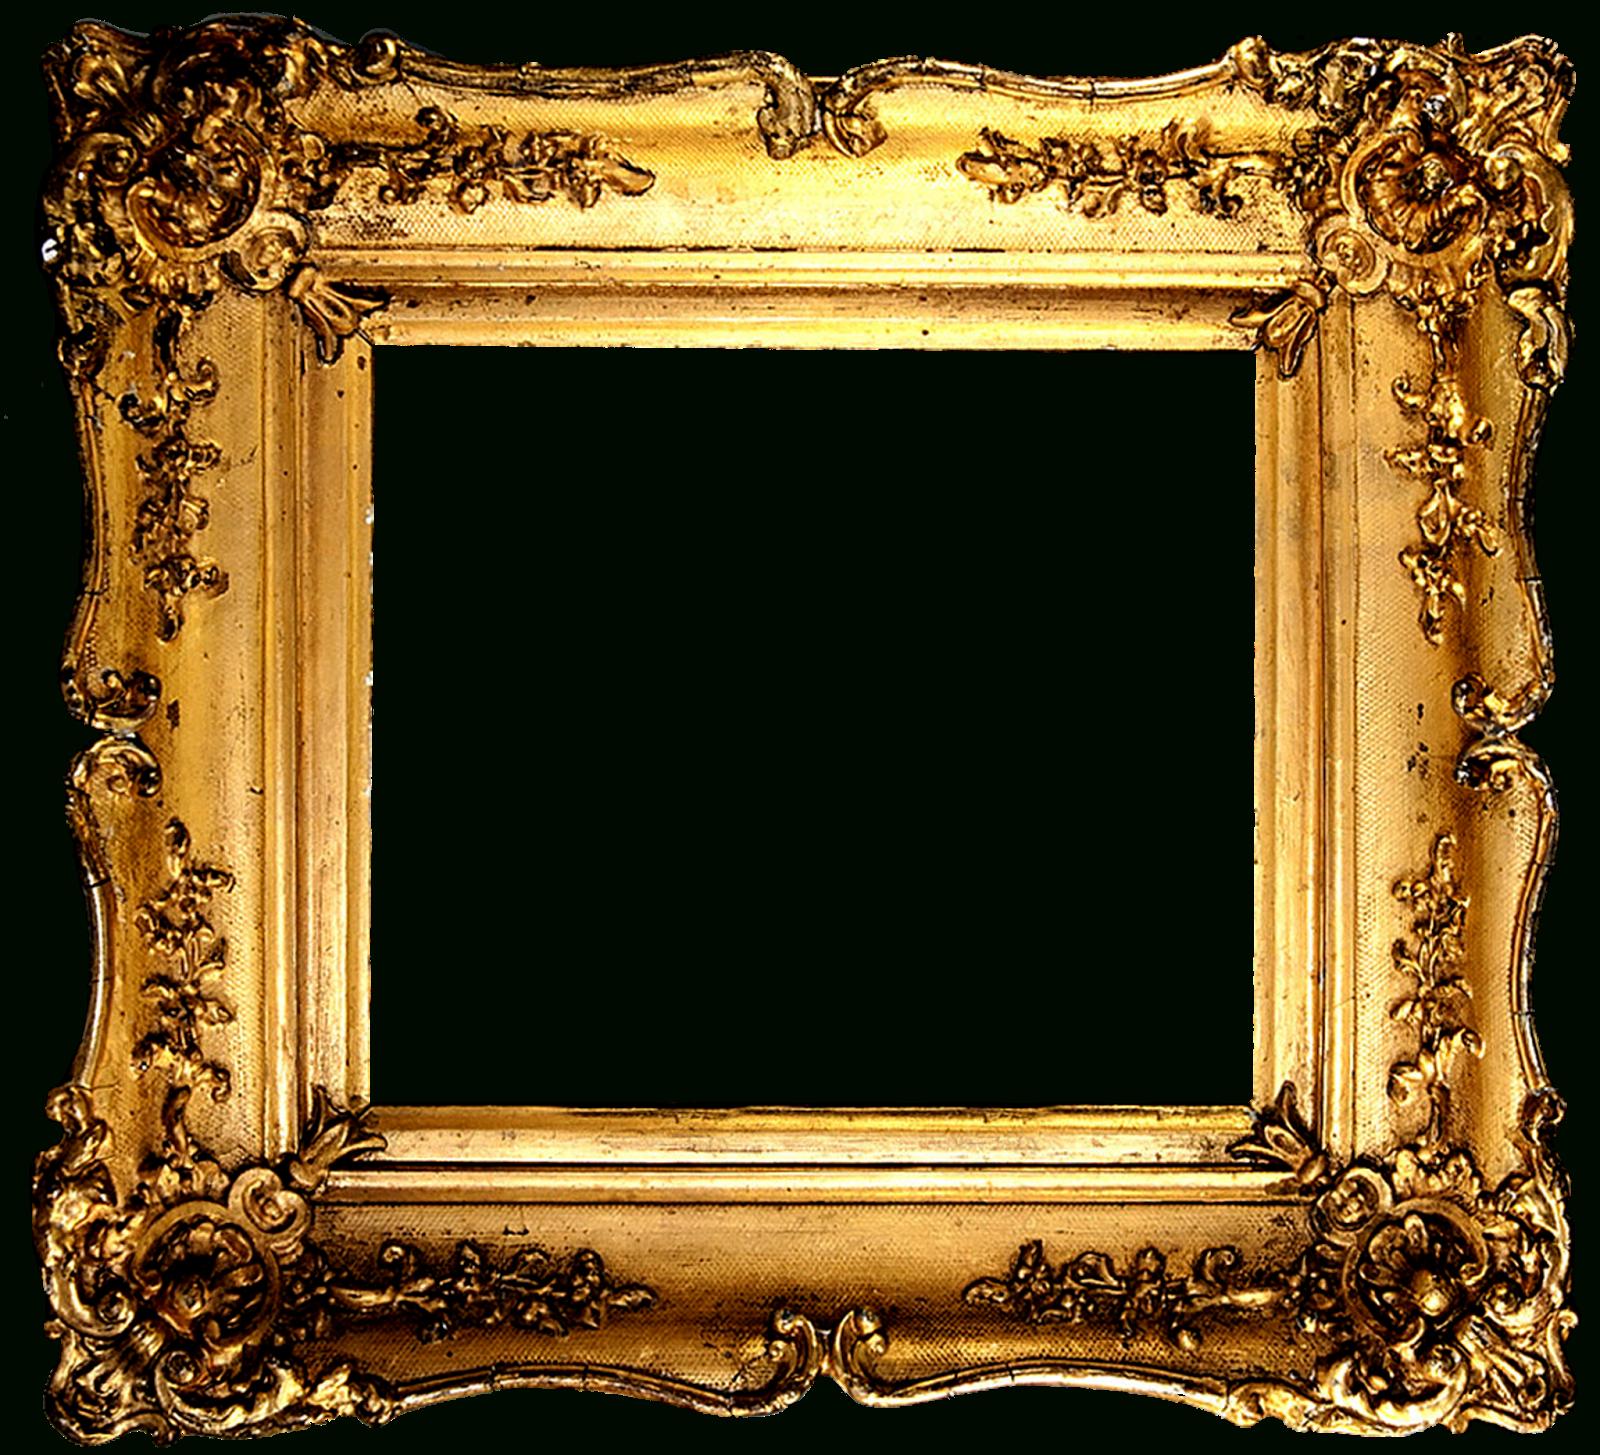 Doodlecraft: Vintage Gold Gilded Frames Free Printables! - Free Printable Photo Frames